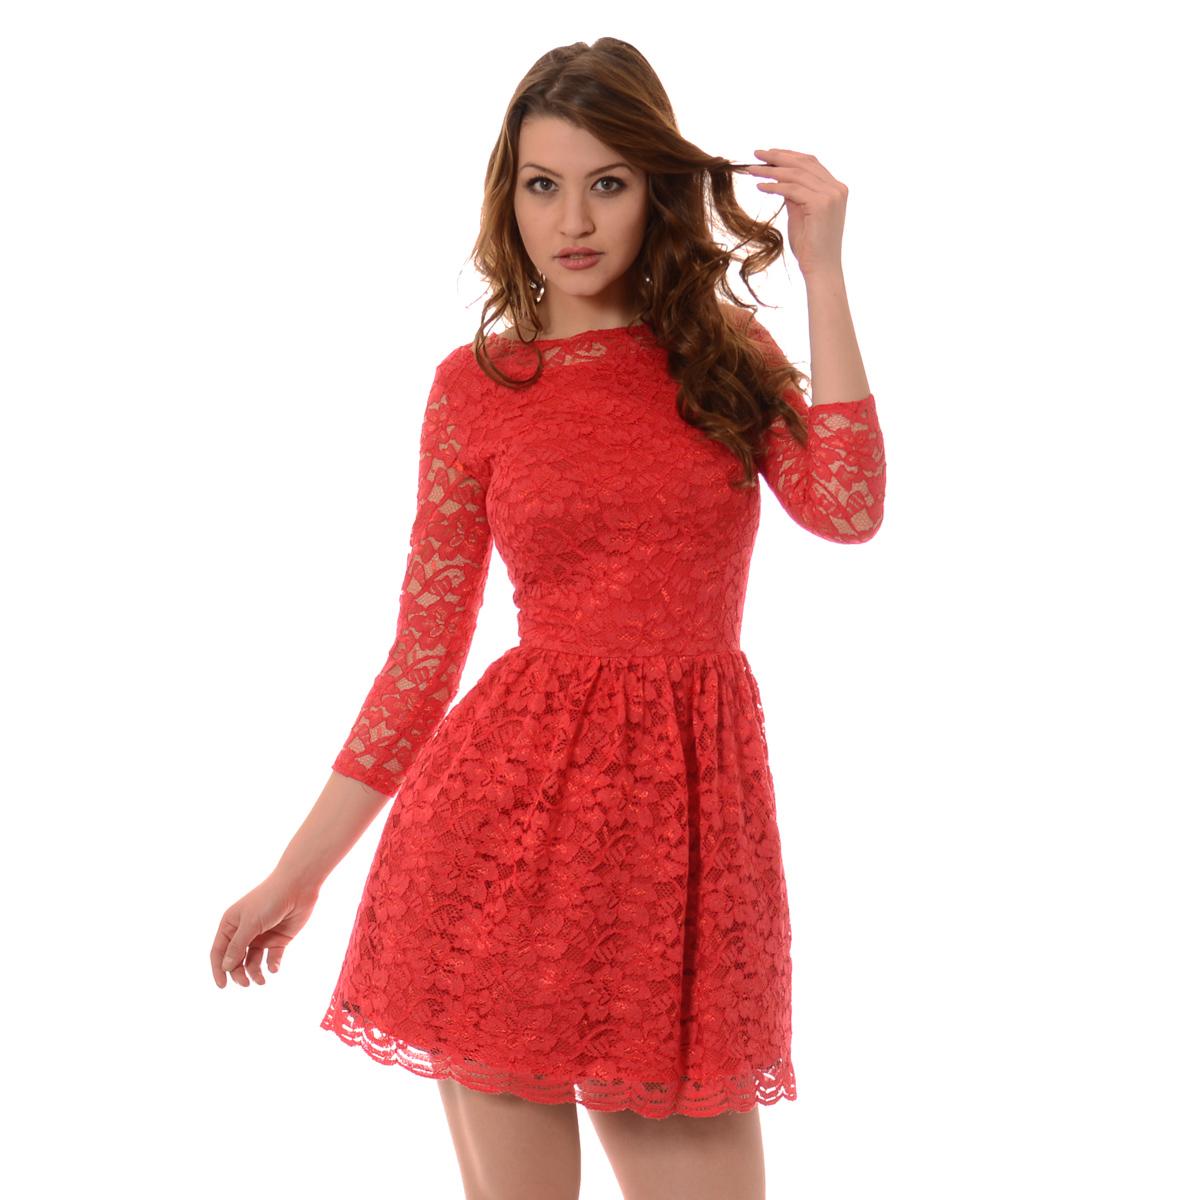 861d1260b2 Rozkloszowana Sukienka Koronkowa Norbi Czerwona  Rozkloszowana Sukienka  Koronkowa Norbi Czerwona ...